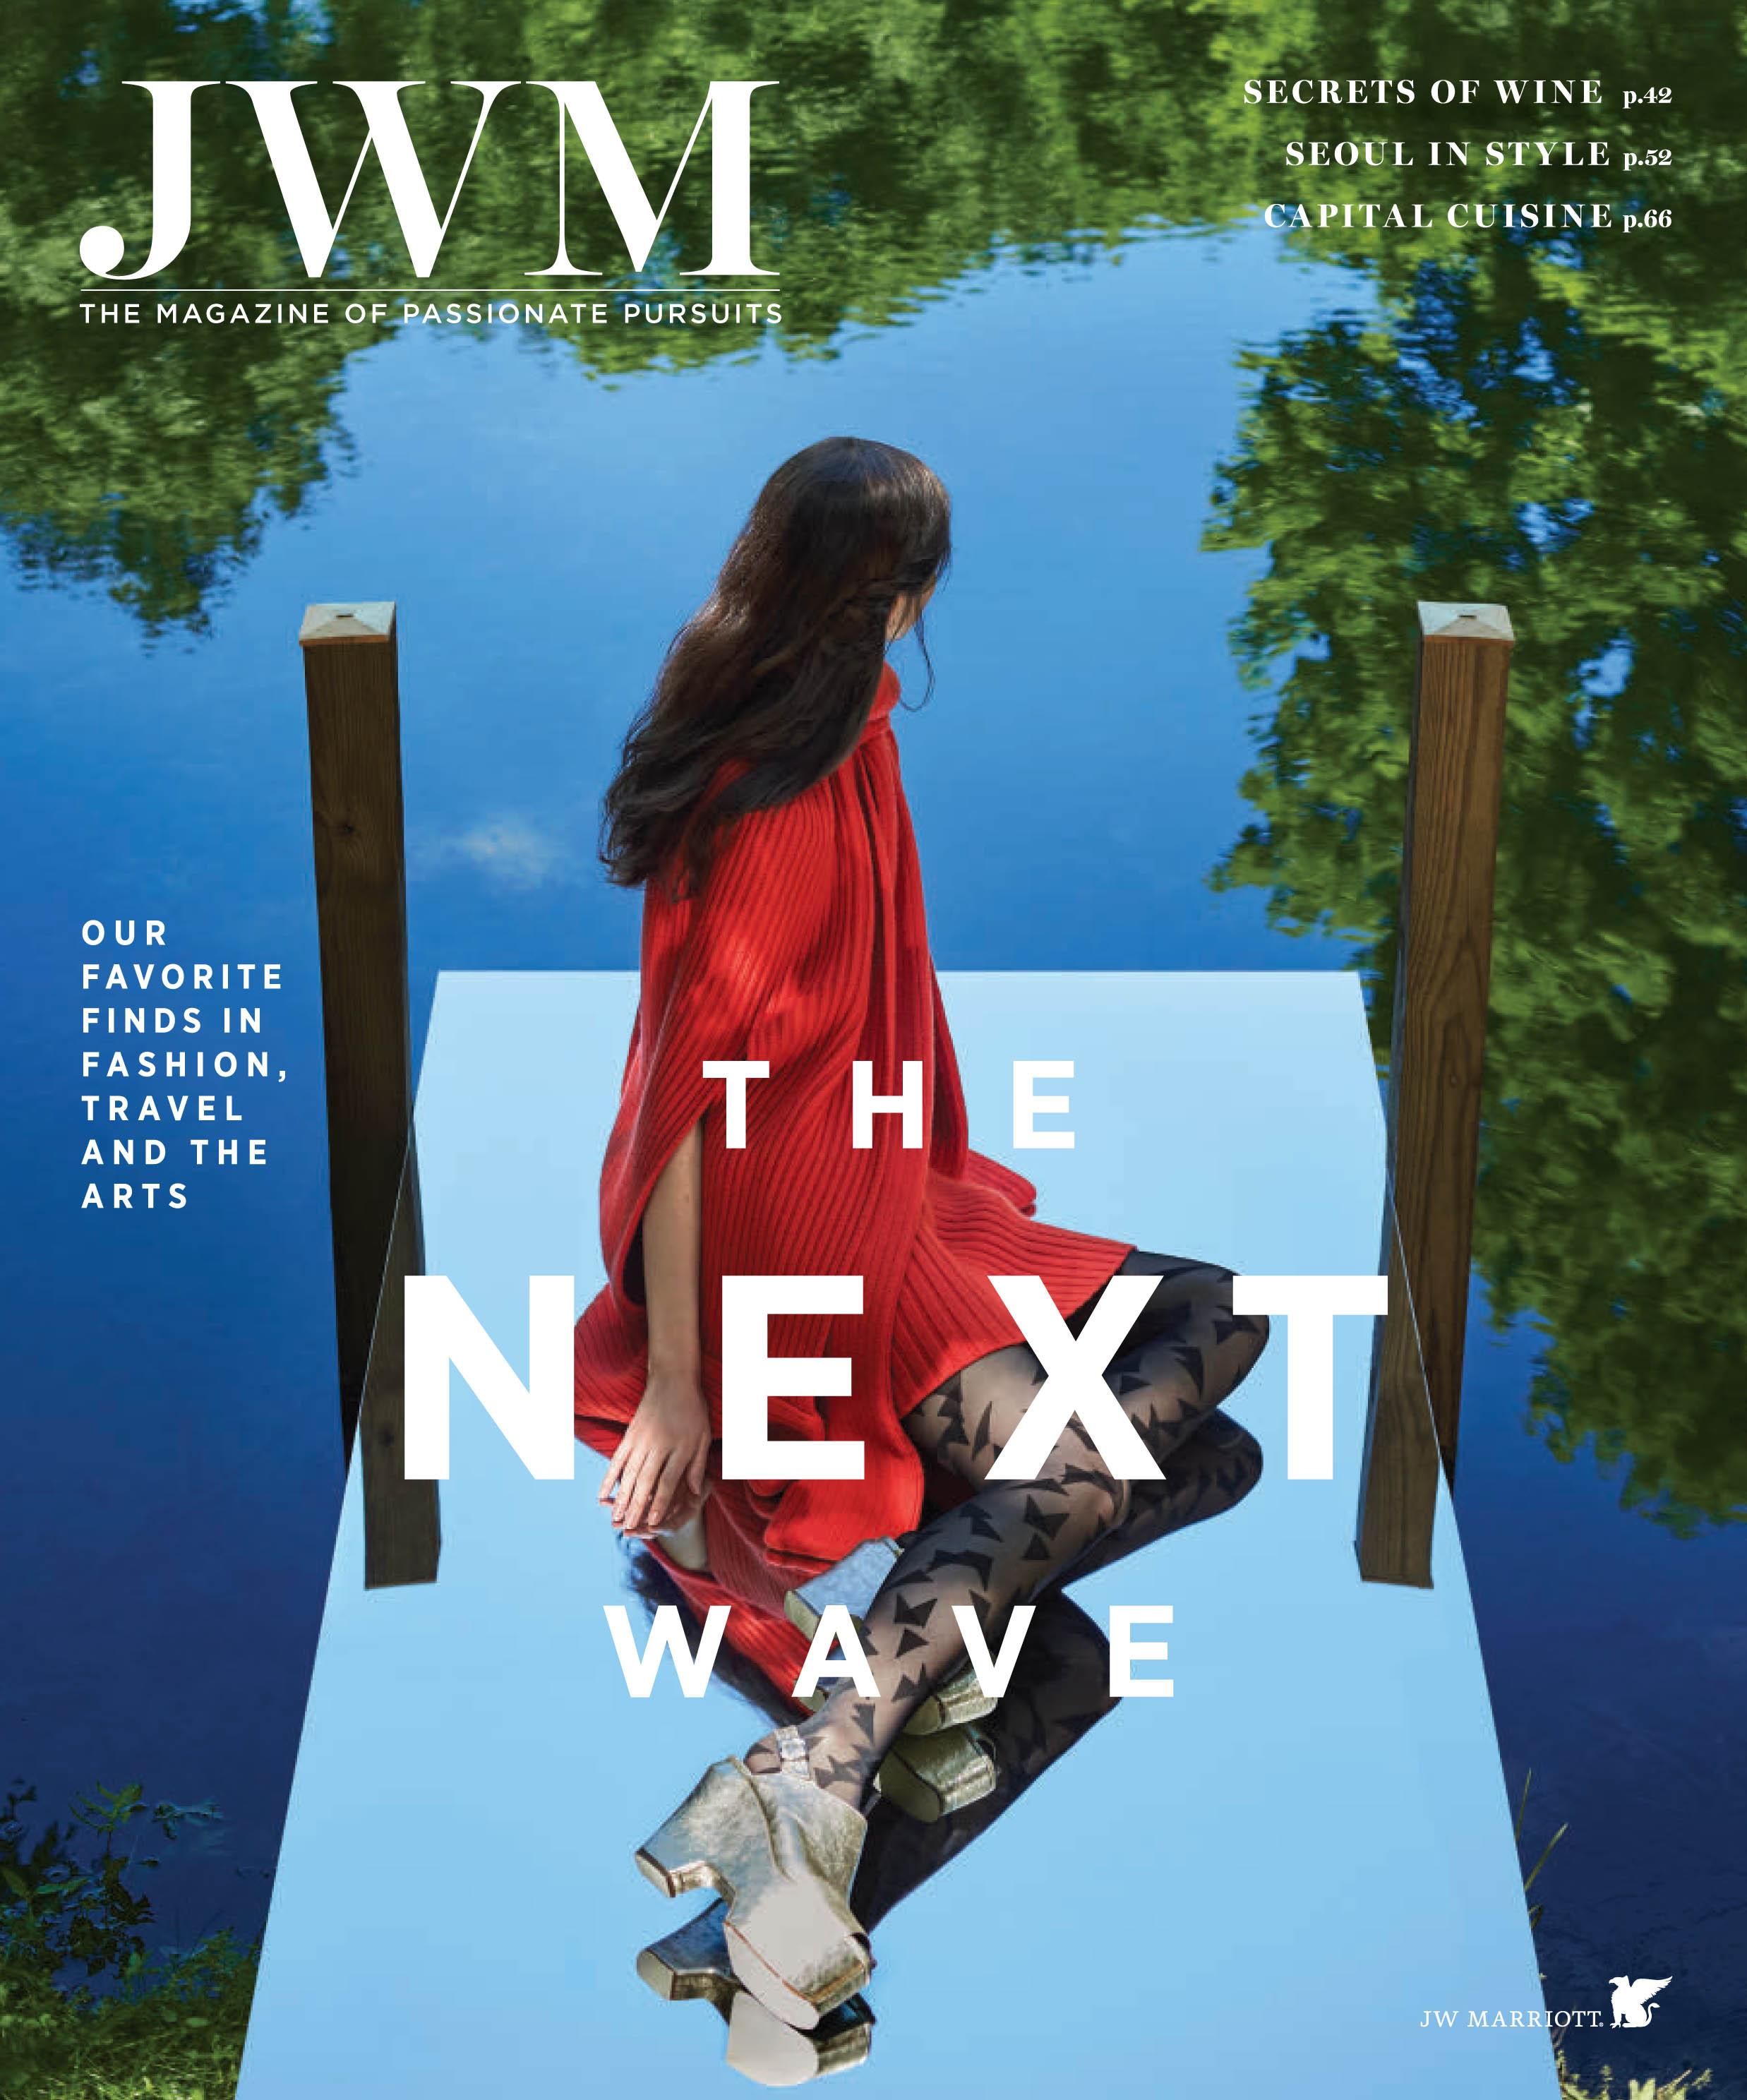 Cain_JWM Magazine_1.jpg